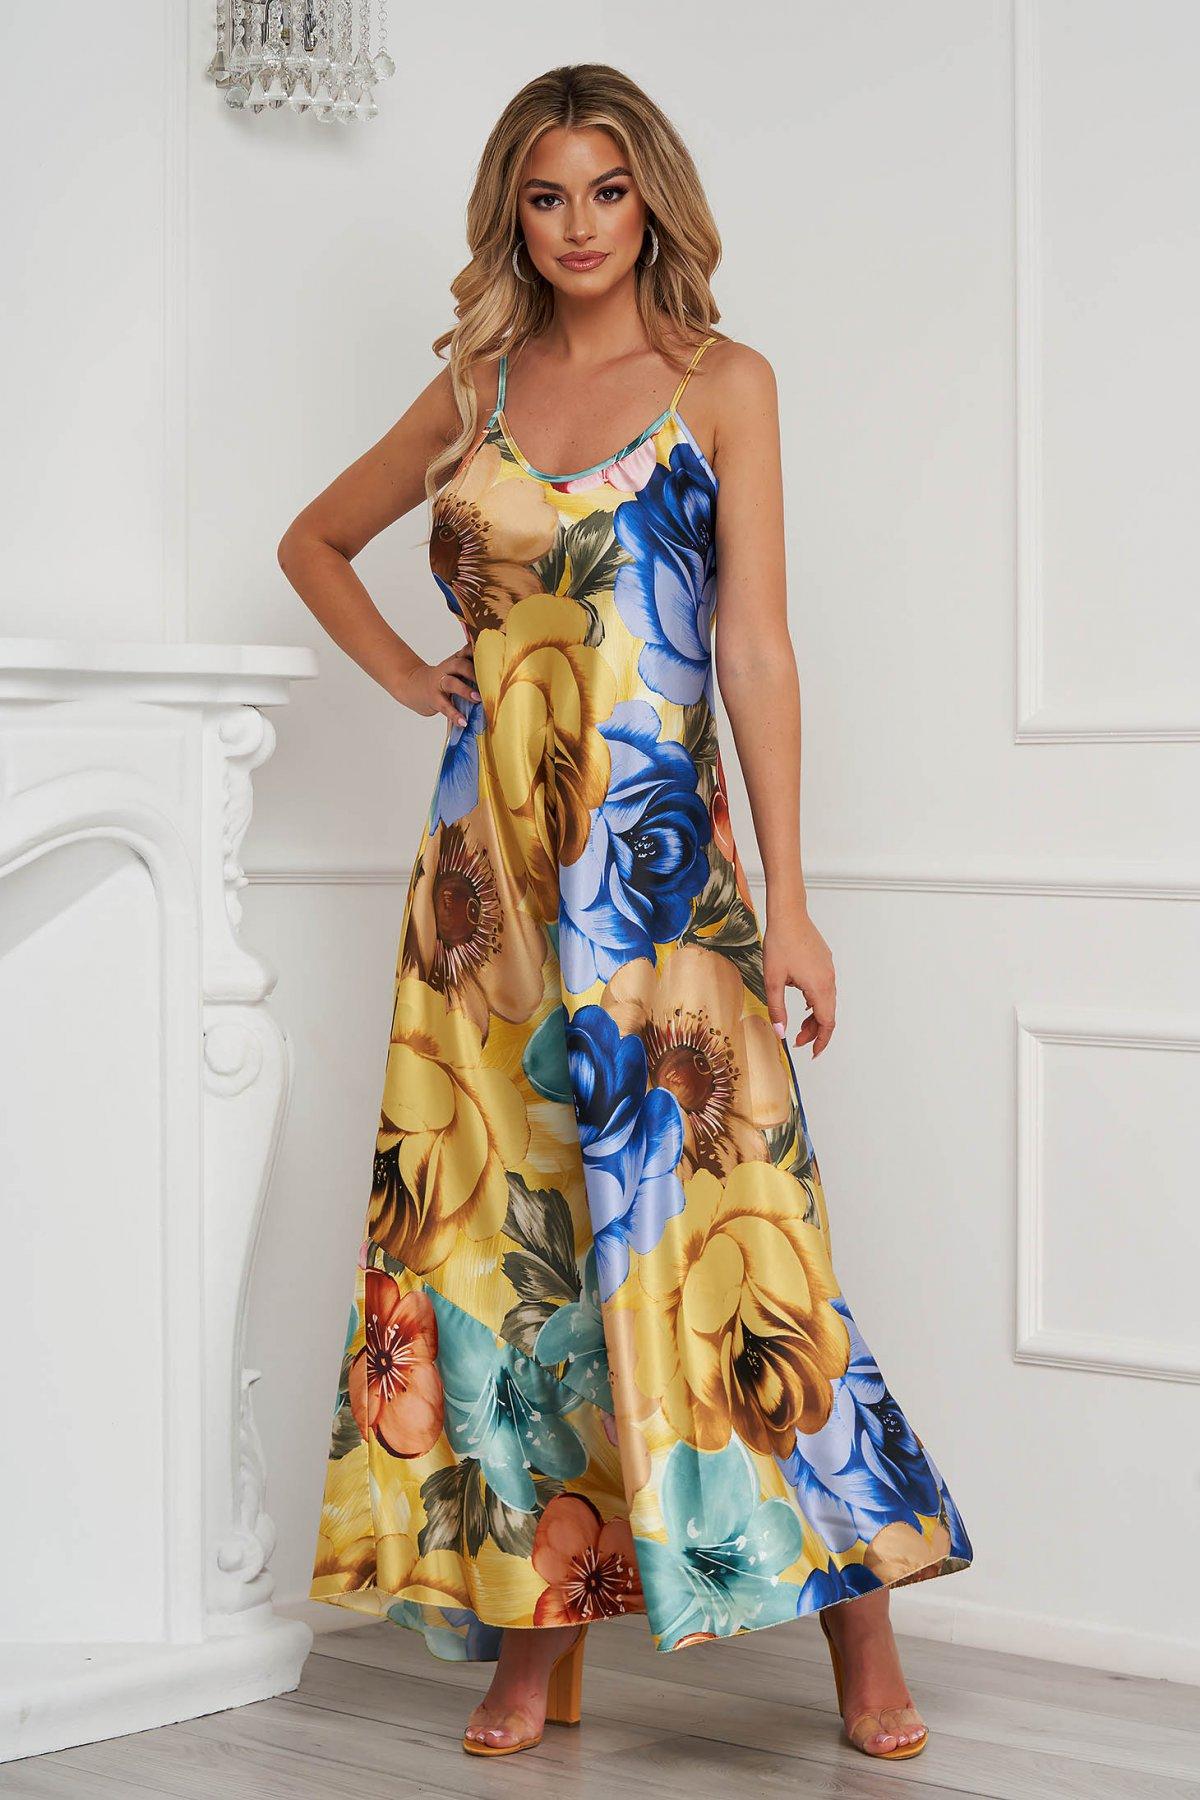 Rochie galbena cu imprimeu floral din material subtire cu croi larg lunga cu bretele - medelin.ro